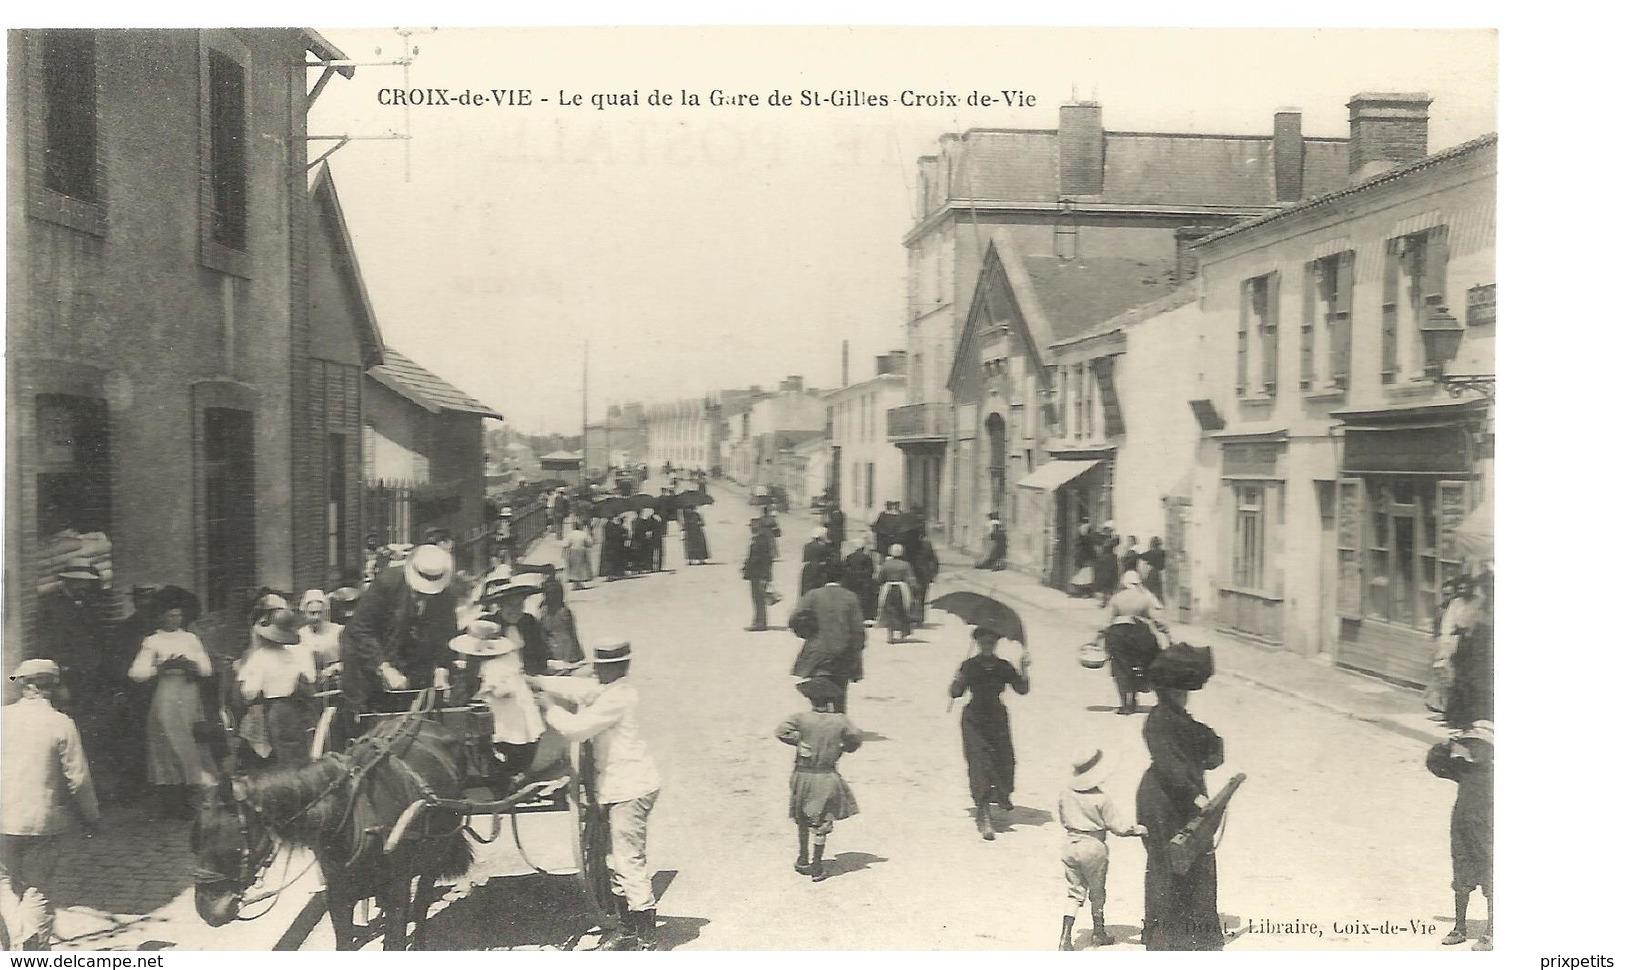 QUAI DE LA GARE ST GILLES CROIX DE VIE ****594 - Saint Gilles Croix De Vie